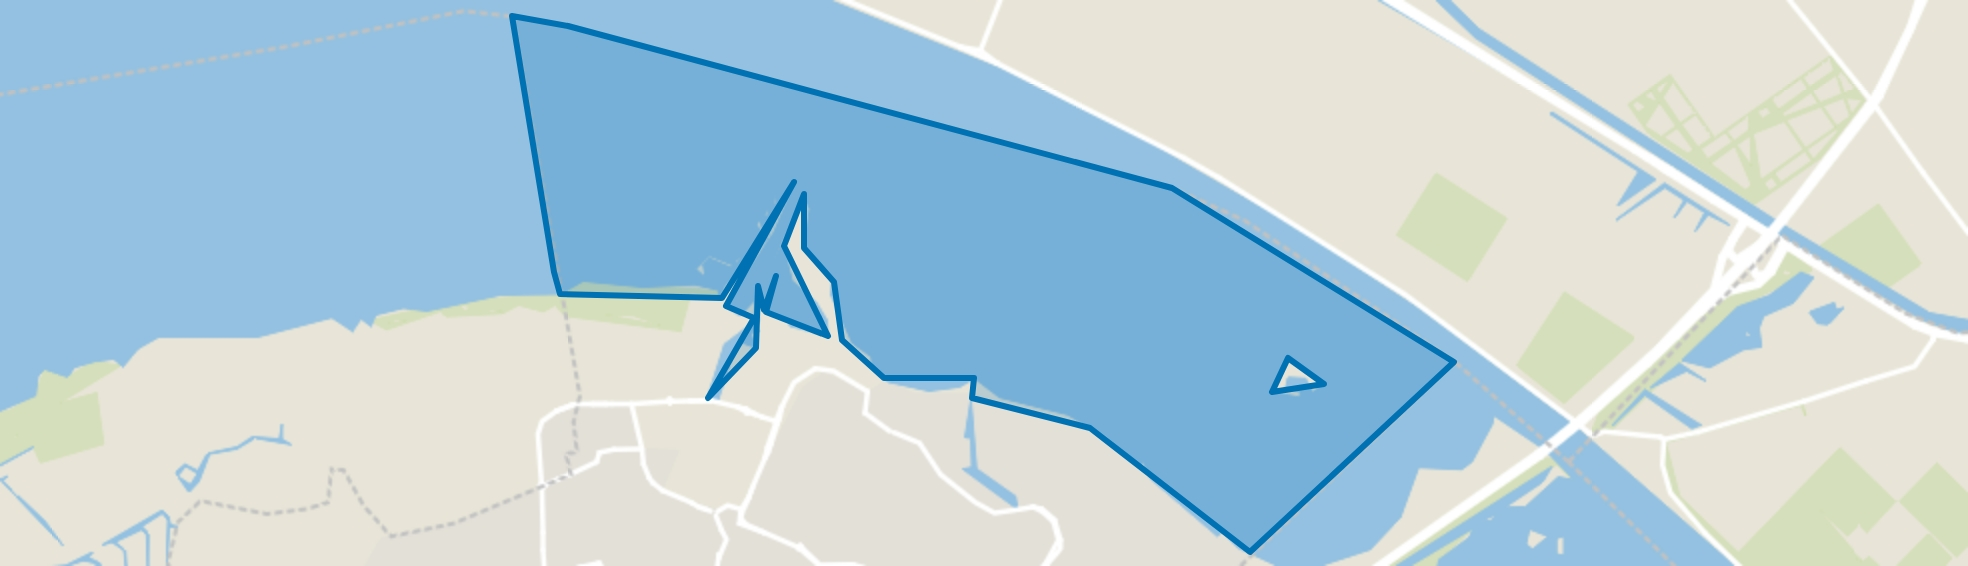 Water, Huizen map